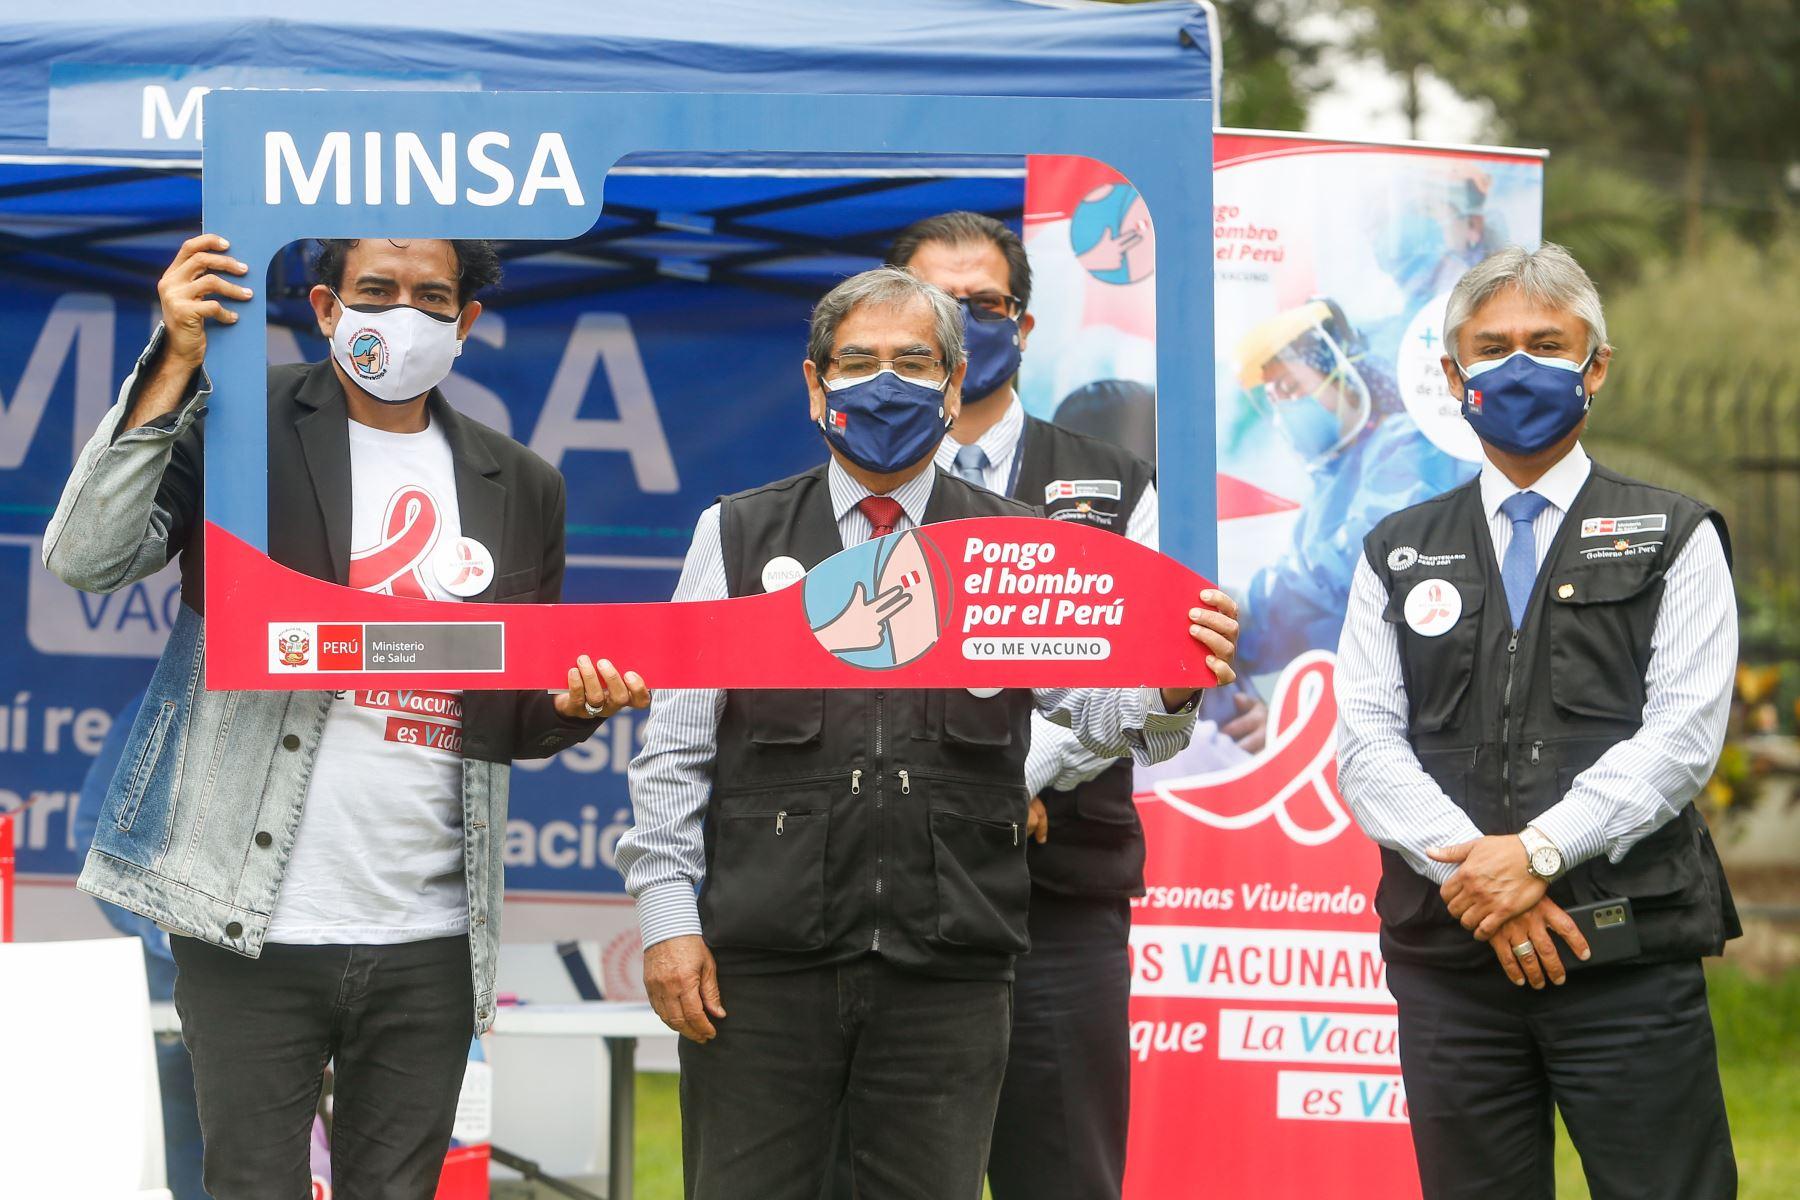 Ministro de Salud, Oscar Ugarte Supervisa  vacunación contra la covid -19 a personas viviendo con VIH. Foto: Minsa